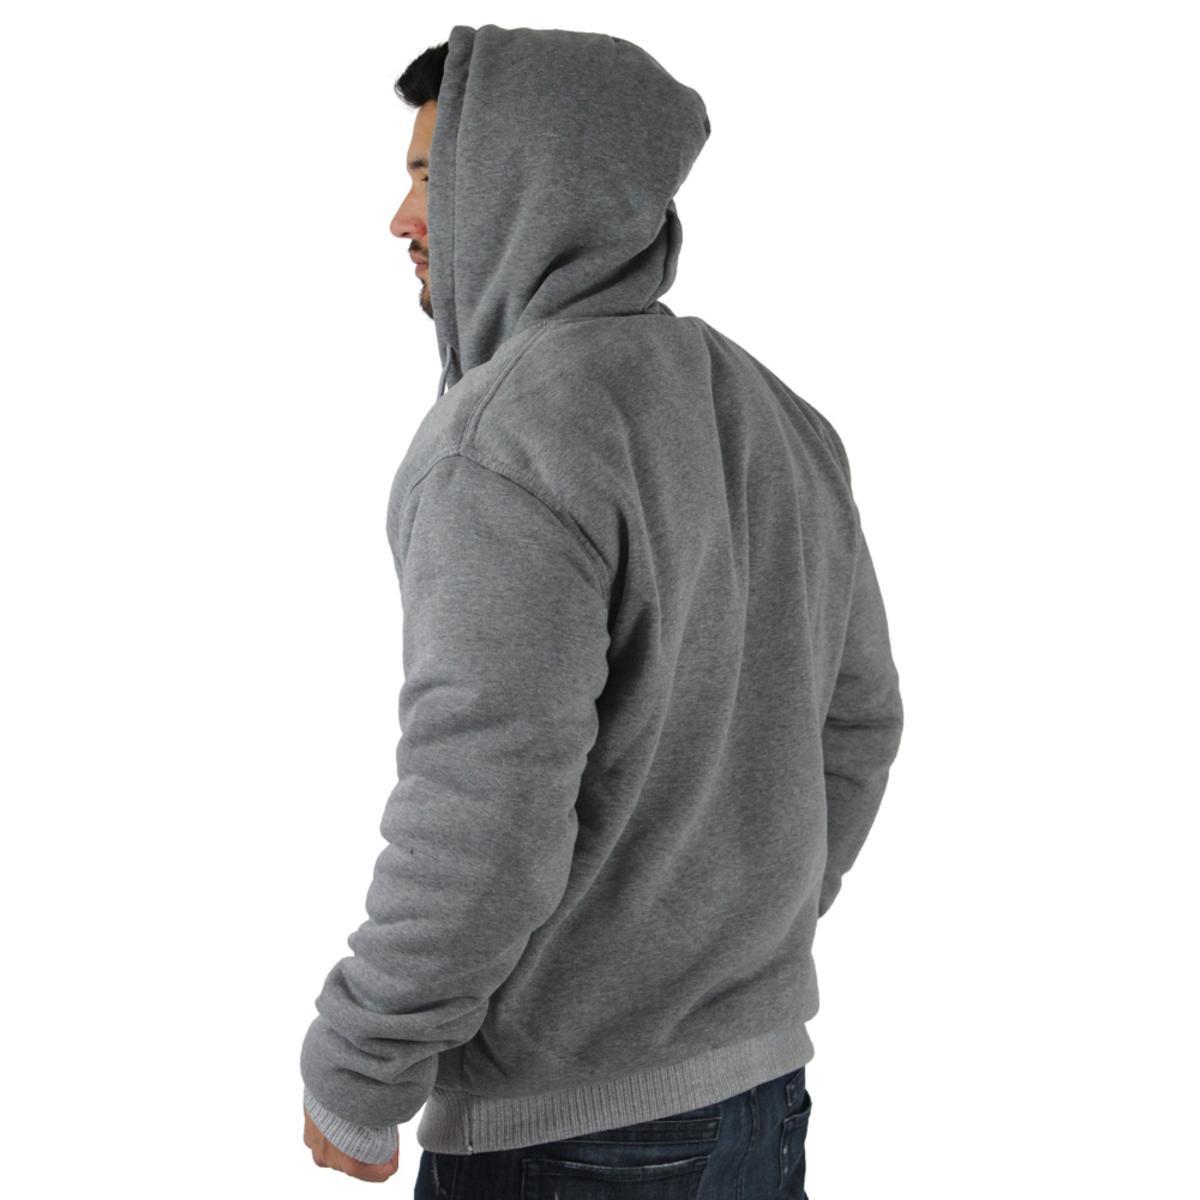 eaf24e8516c Moda Essentials Men s Sherpa Lined Zip Up Hoodie Sweatshirt Big ...